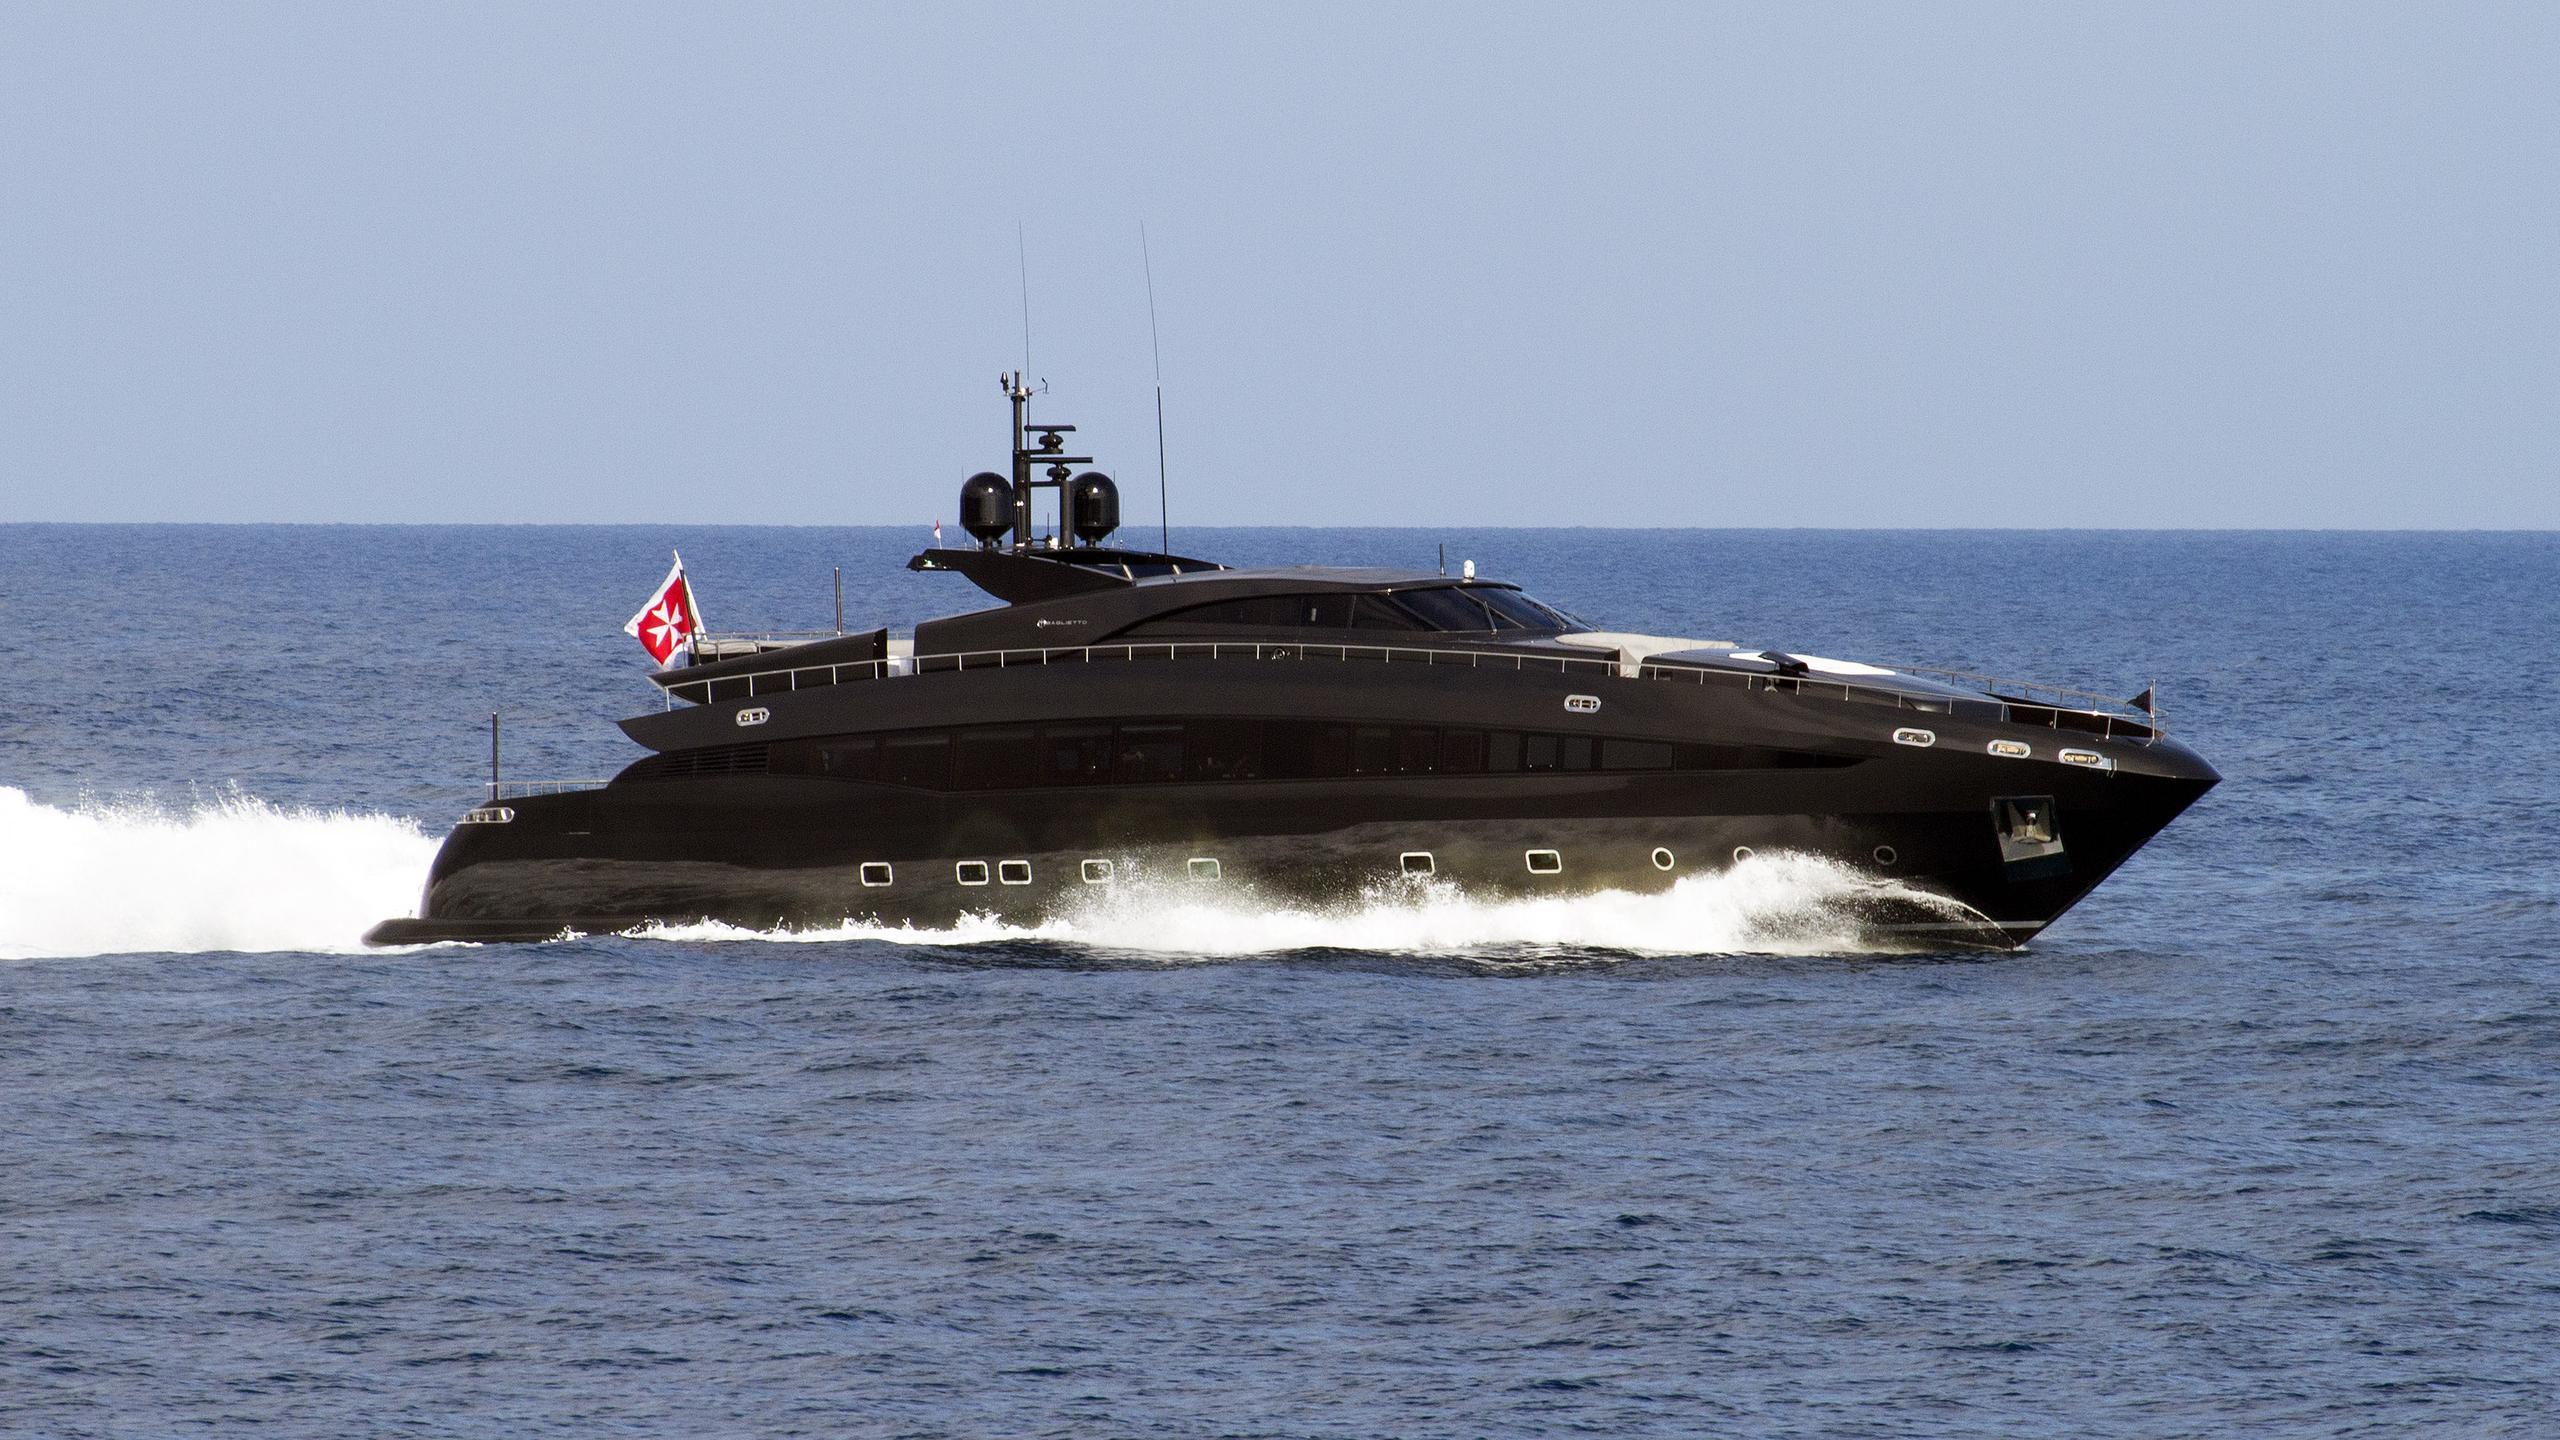 ability-motor-yacht-baglietto-2004-41m-cruising-half-profile